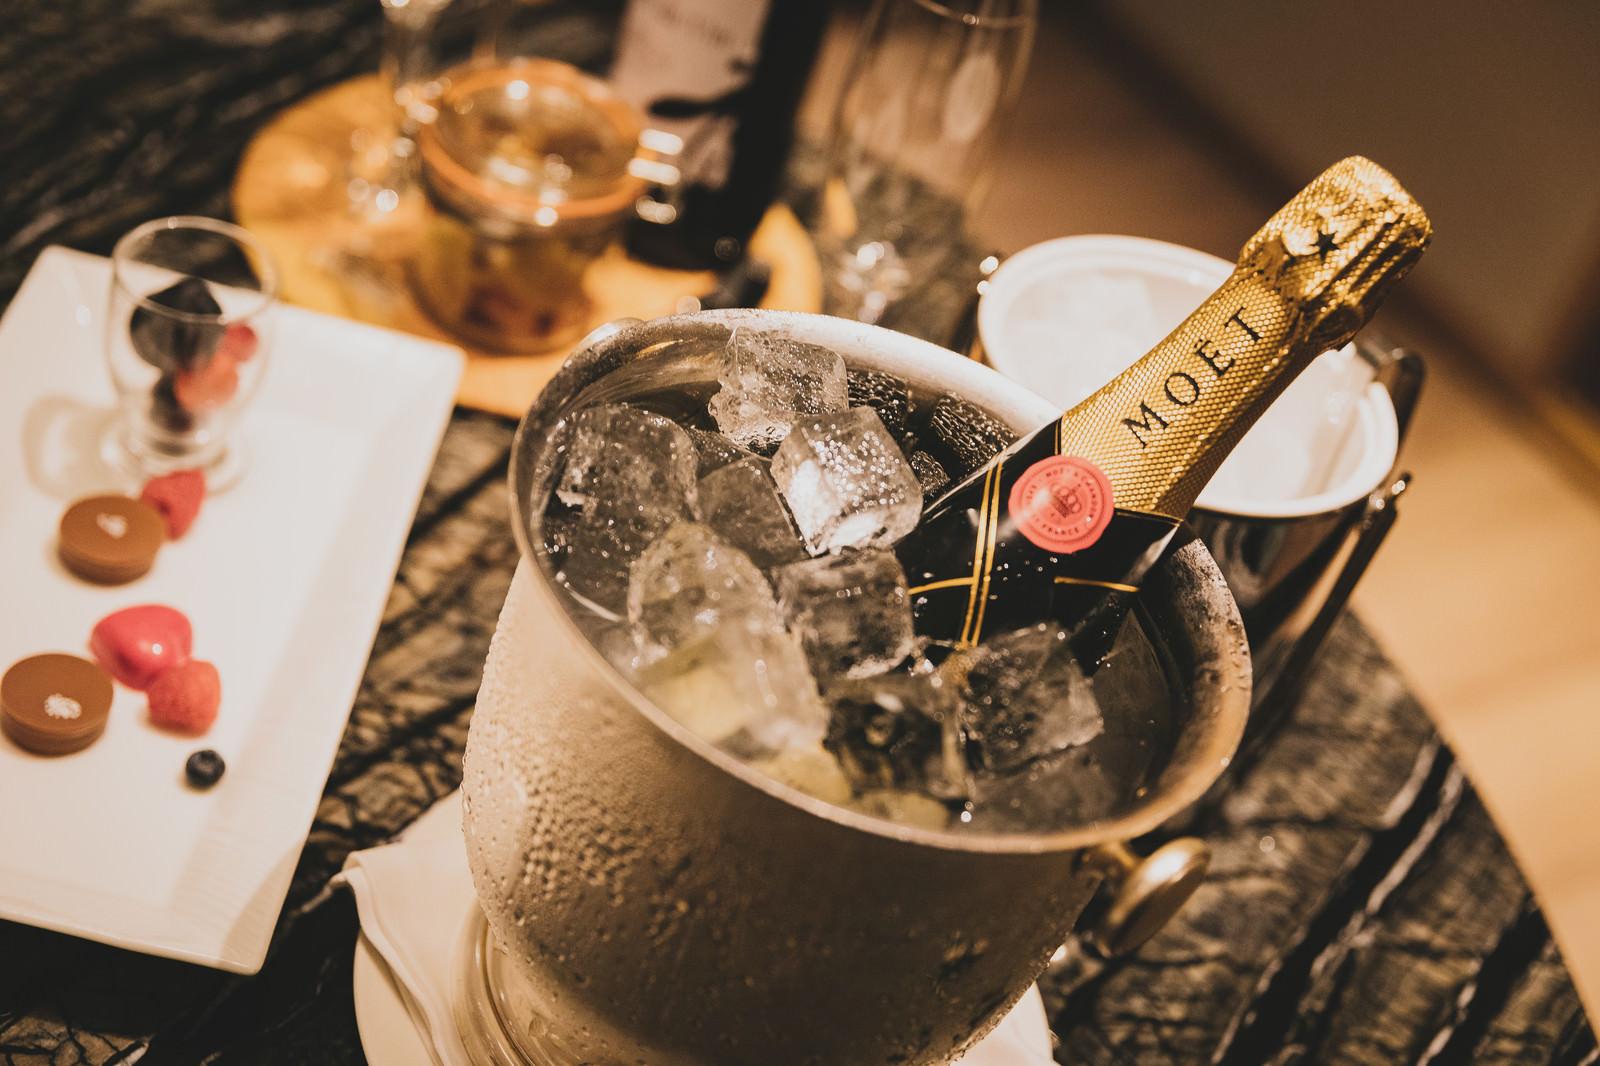 「素敵な夜のお祝いシャンパン素敵な夜のお祝いシャンパン」のフリー写真素材を拡大